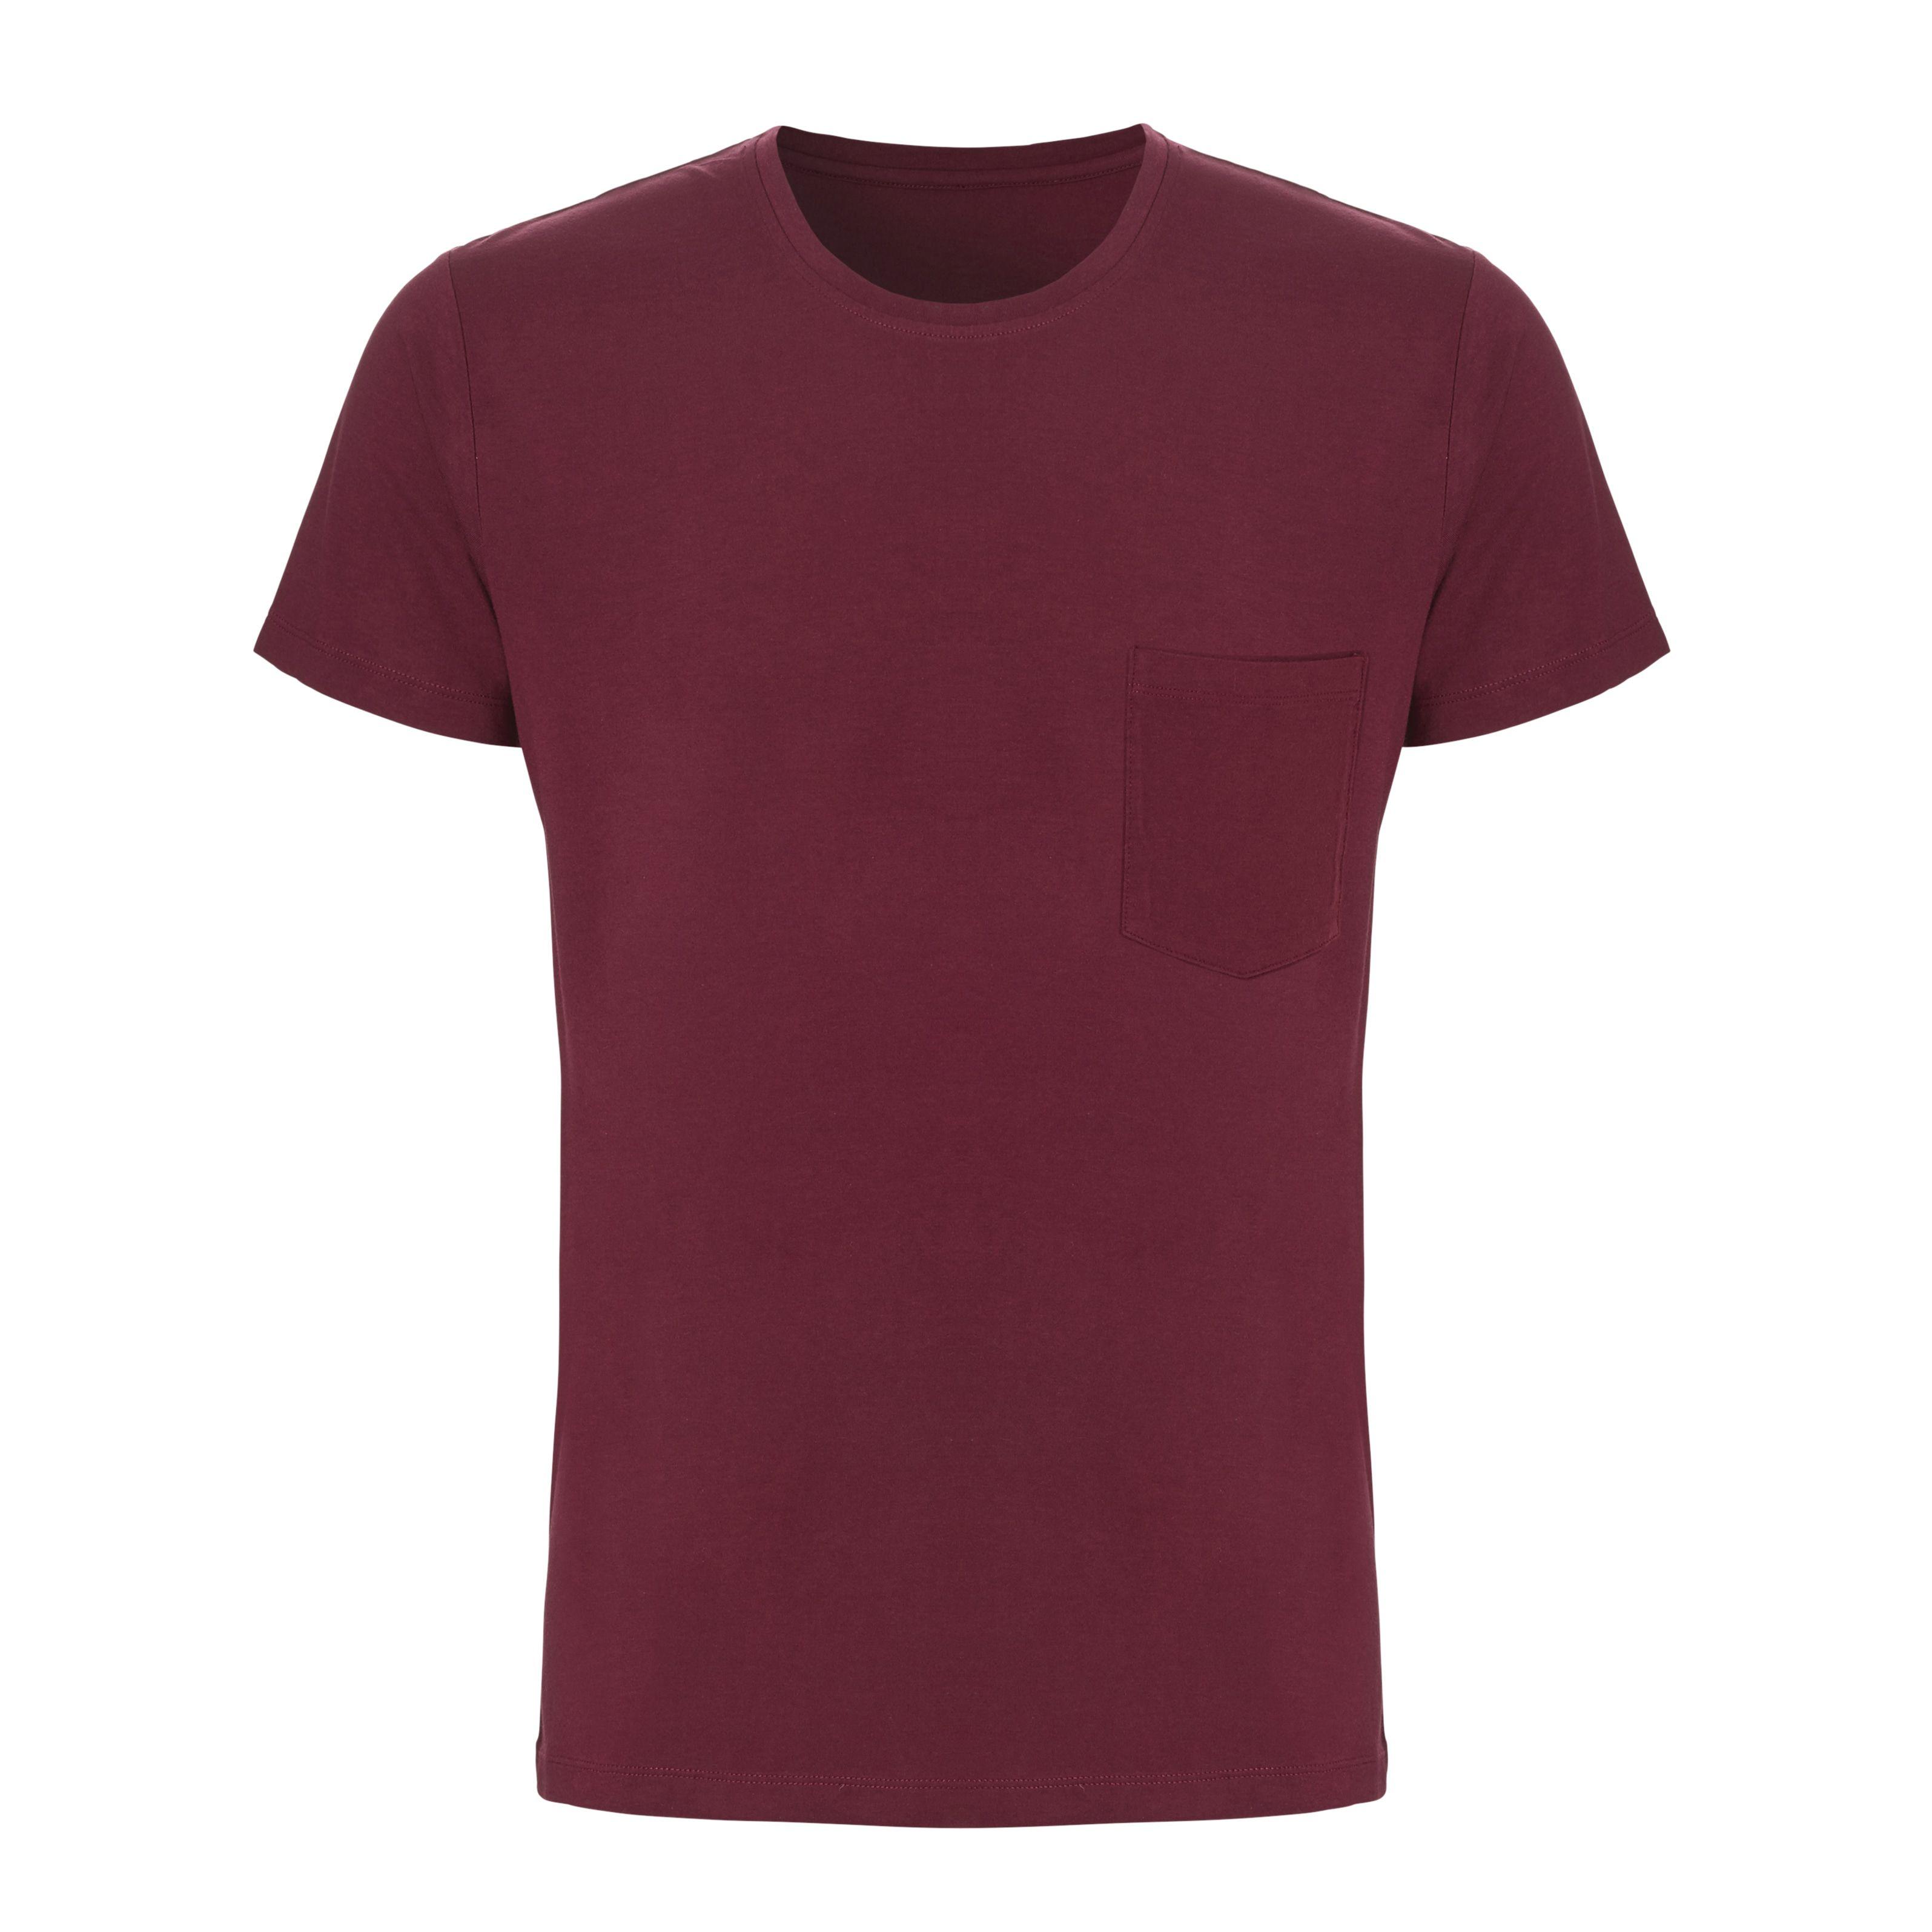 Ten Cate Men Jersey t-shirt burgundy